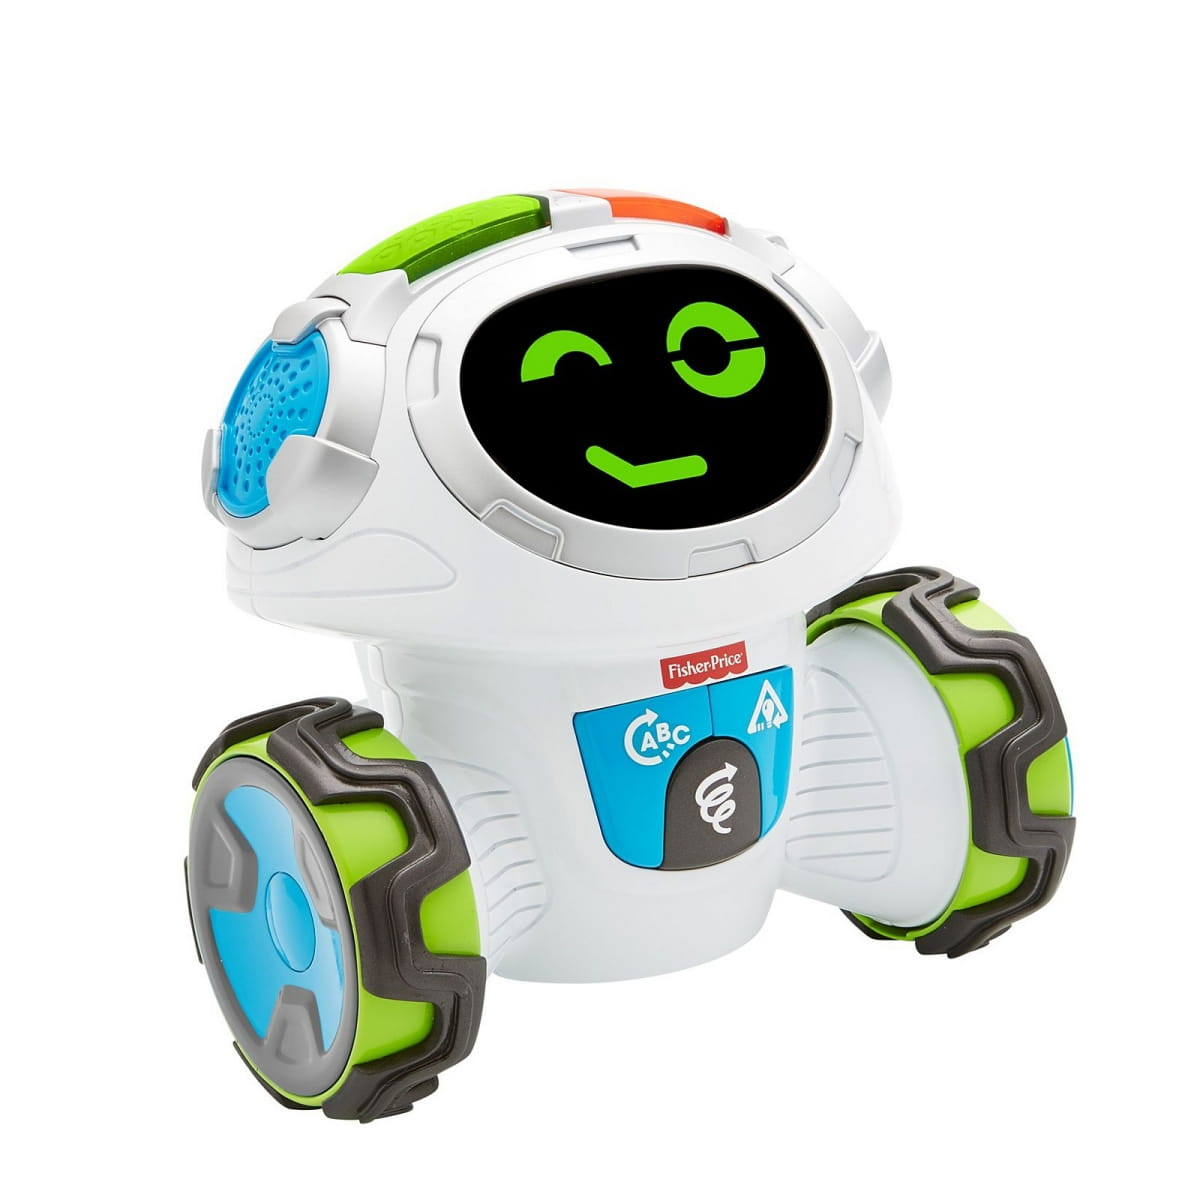 Игровой набор FISHER PRICE Мови (Mattel) - Обучающие интерактивные игрушки